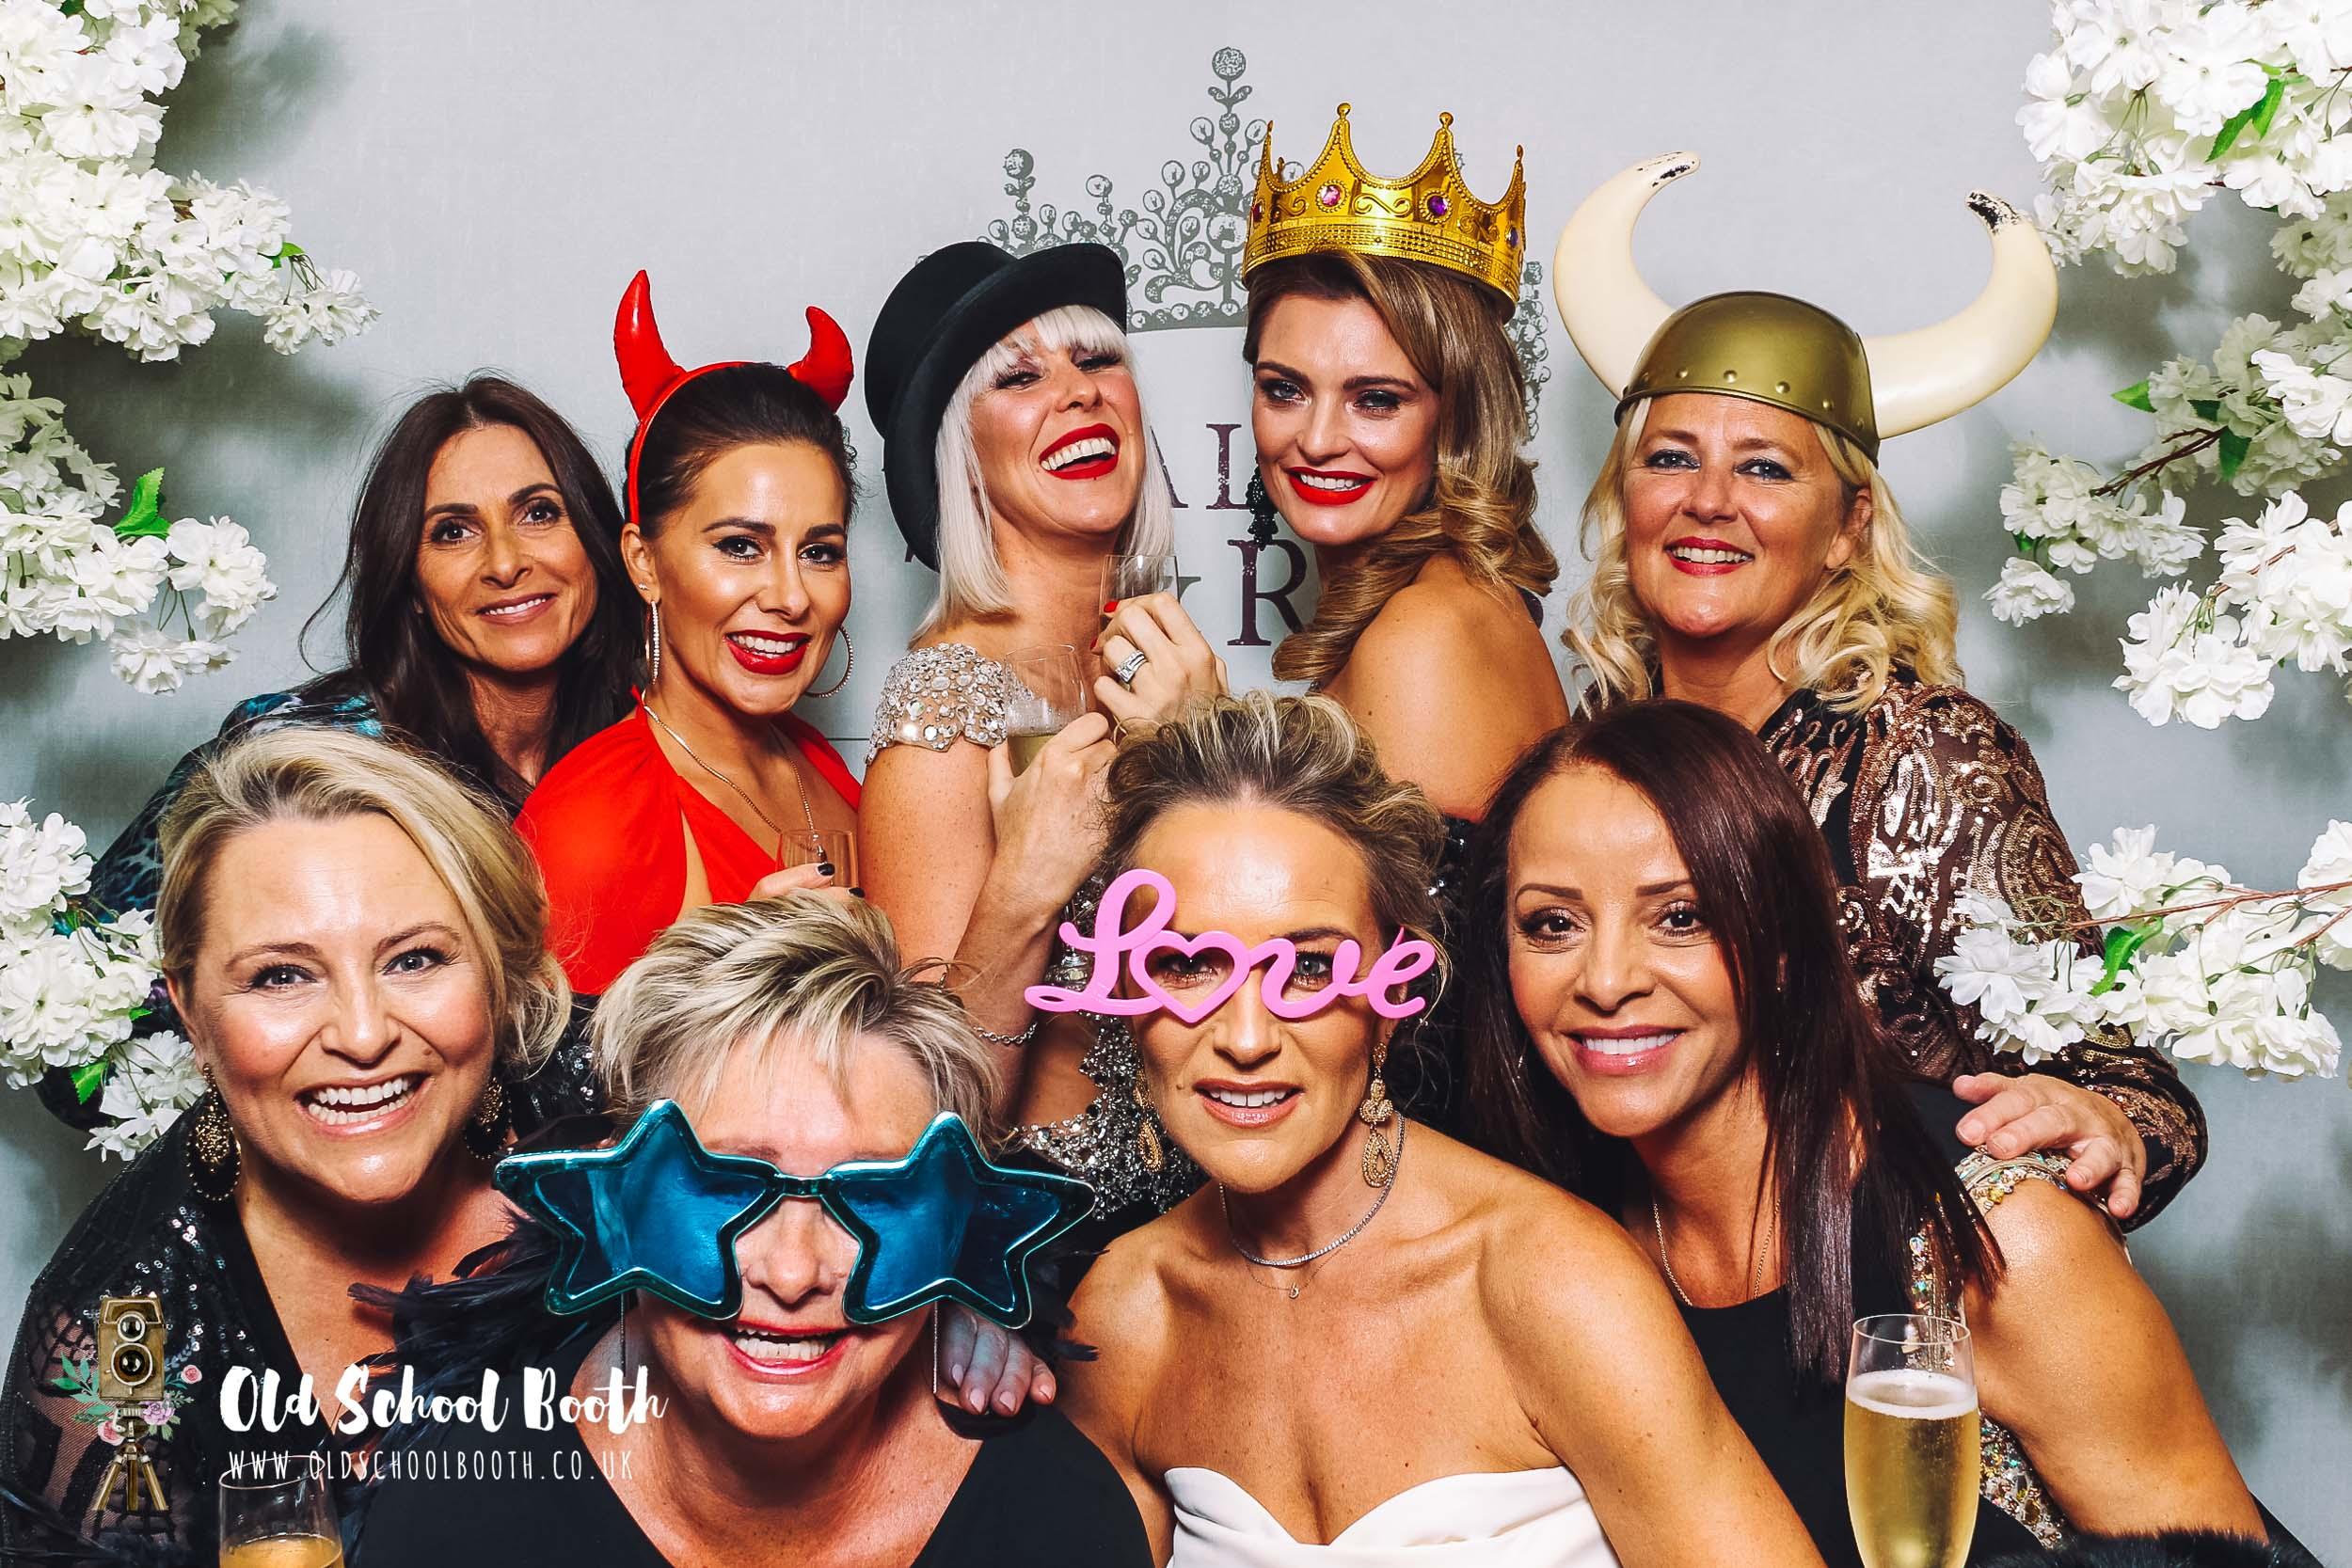 dorchester wedding photo booth